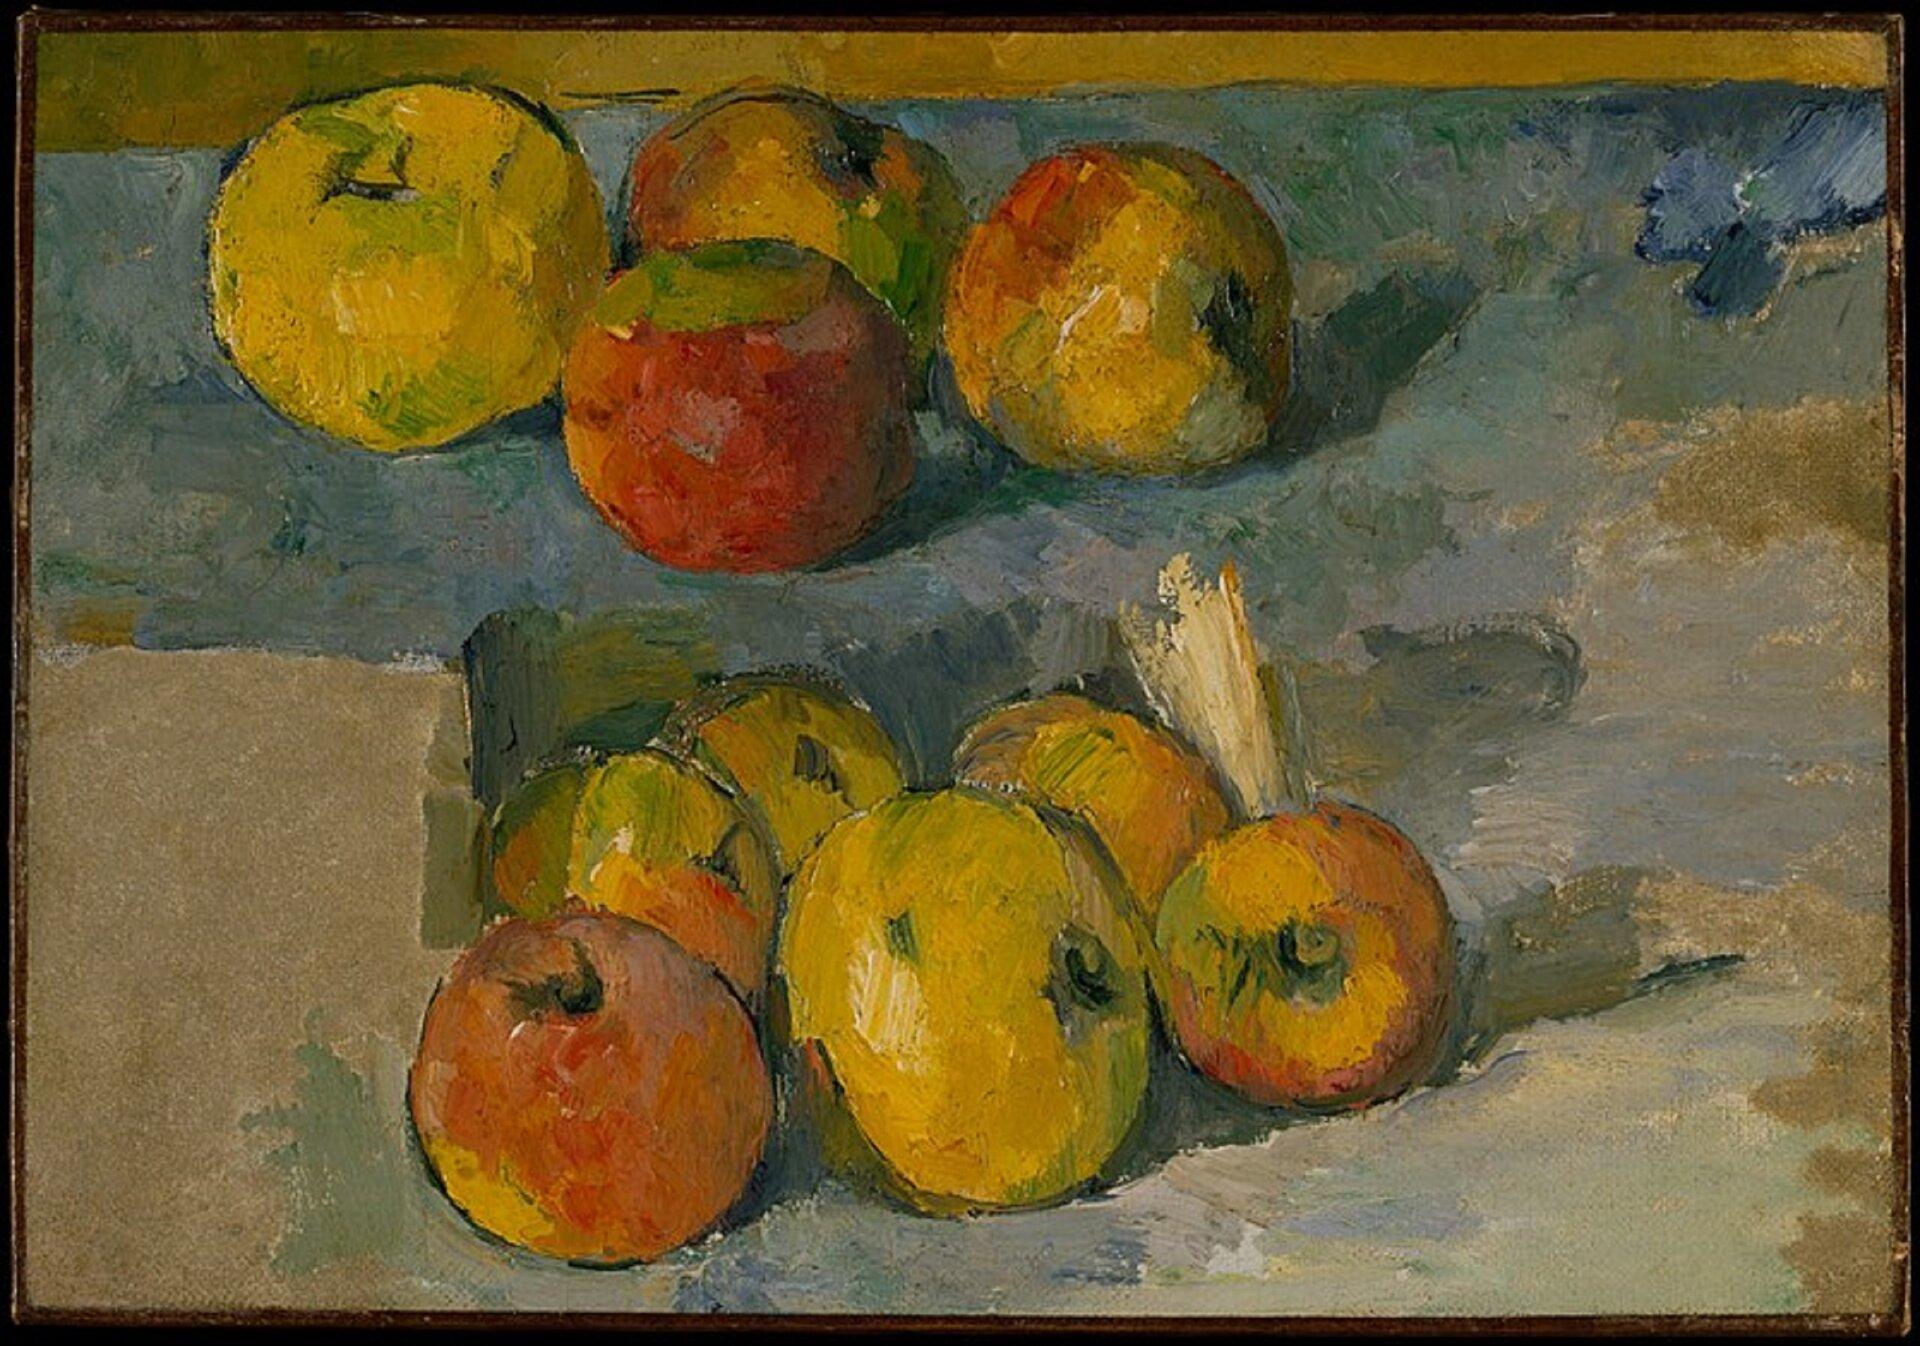 """Ilustracja przedstawia obraz Paula Cézanne'a """"Jabłka"""". Jest martwą naturą. Na stole leżą jabłka - wgórnej części cztery, wdolnej - sześć. Jedne są żółto-zielone, inne czerwono-żółte lub czerwono-zielone. Artysta użył płaskiej plamy barwnej - farba nałożona jest szerokim pędzlem, pozostawiając wyrazistą fakturę. Stół jest niebieskawo-szary ibeżowy. Ugóry tło wypełnia oliwkowo-zielony pas."""